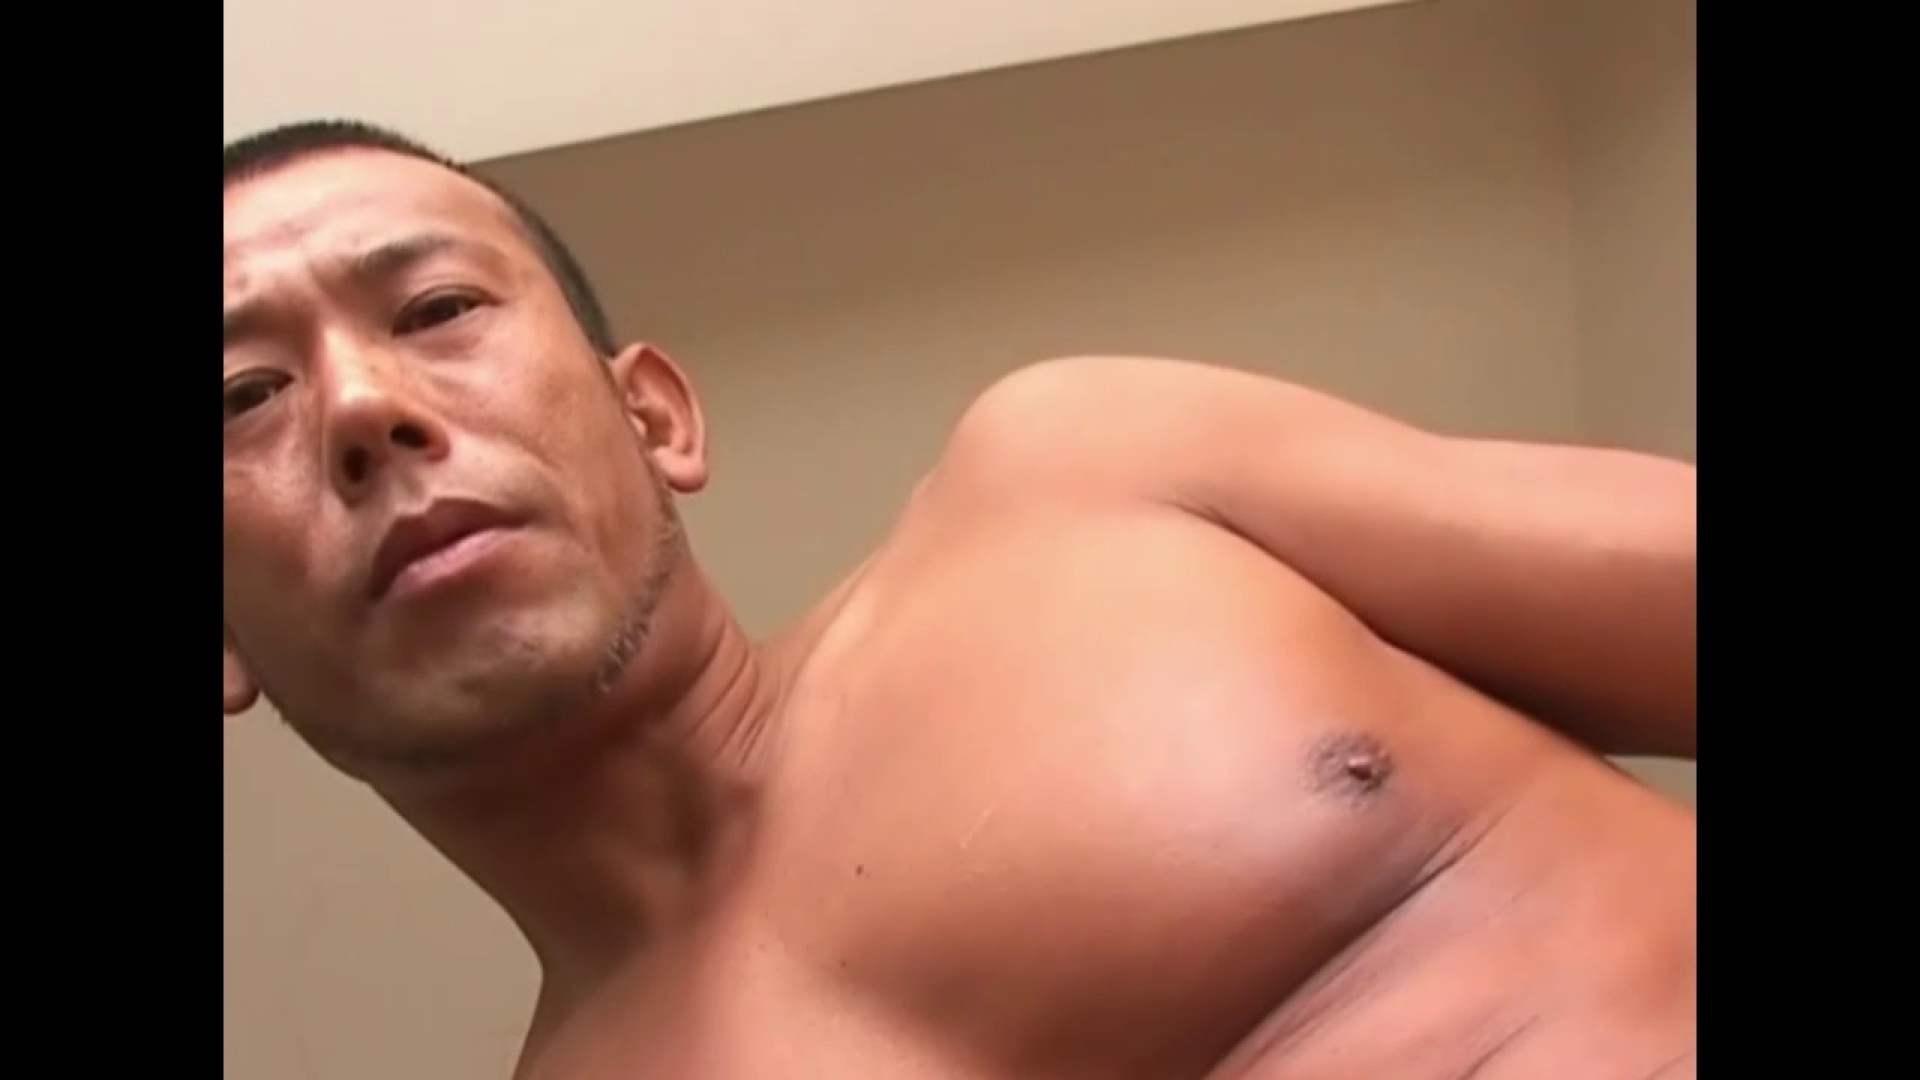 プロの本番を男目線で見て見た。 入浴・シャワー丸見え ゲイ無修正ビデオ画像 106pic 73